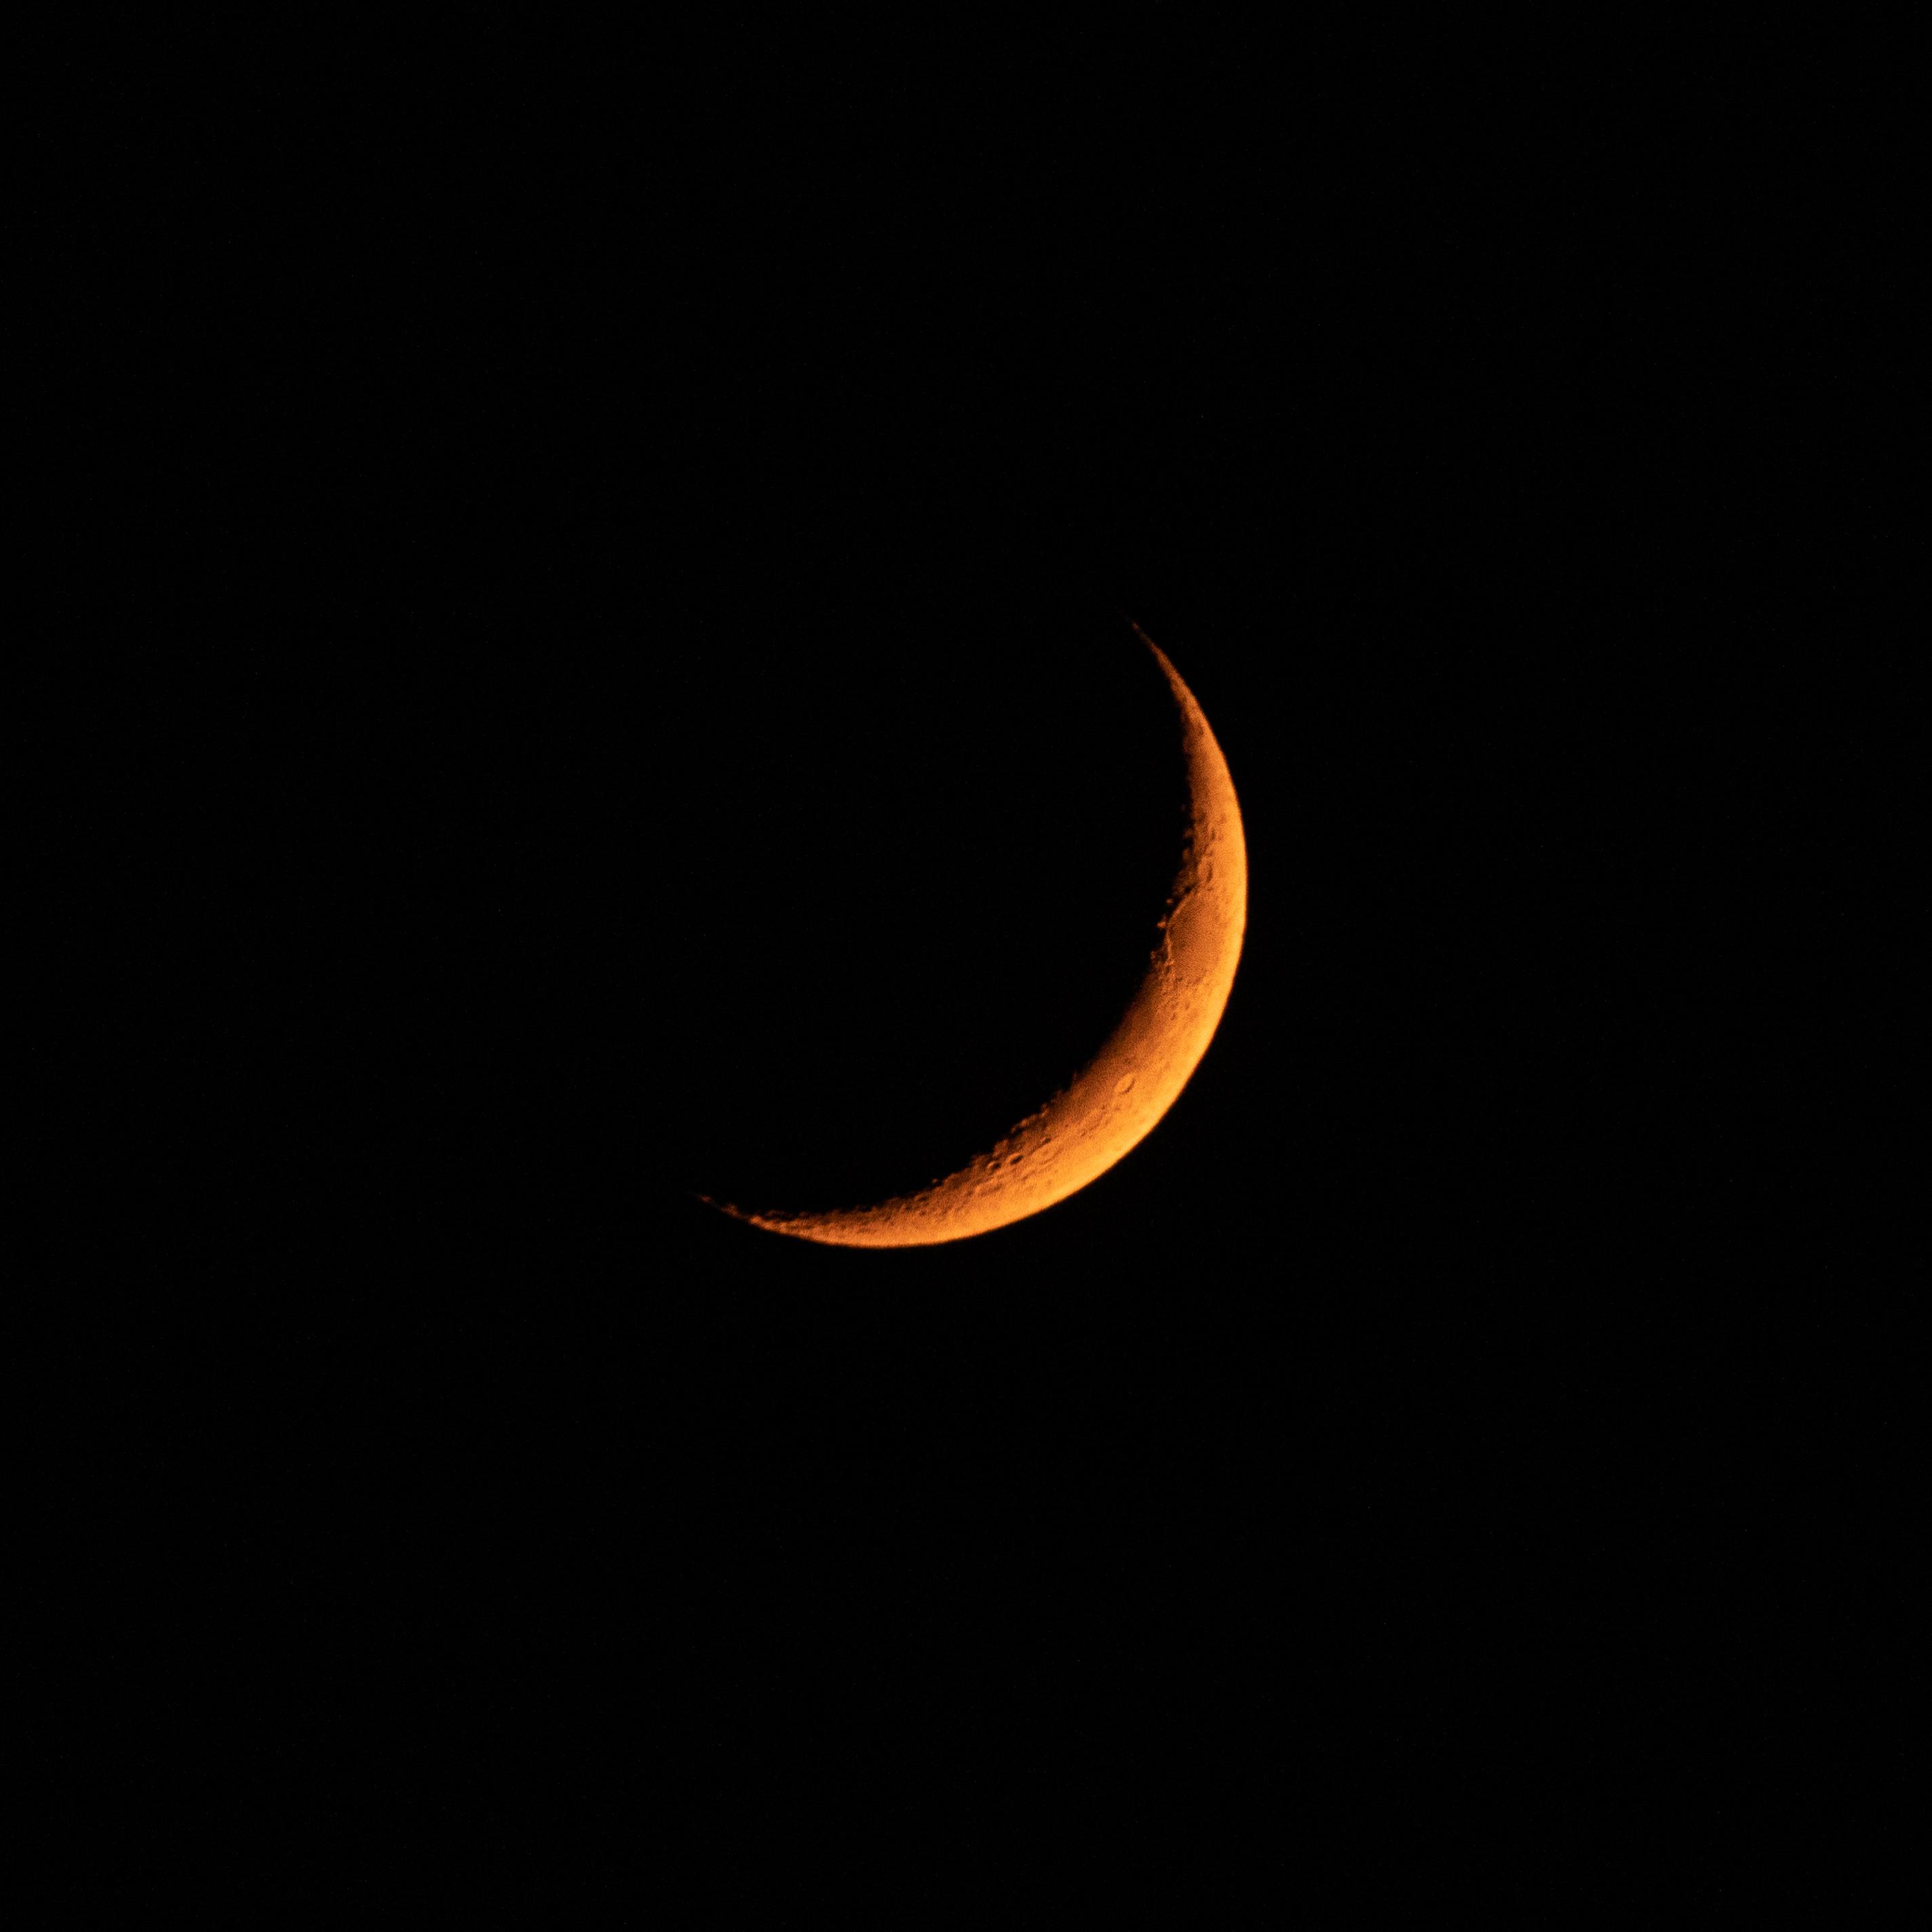 116838 скачать обои Темный, Ночь, Луна, Тень, Темнота - заставки и картинки бесплатно